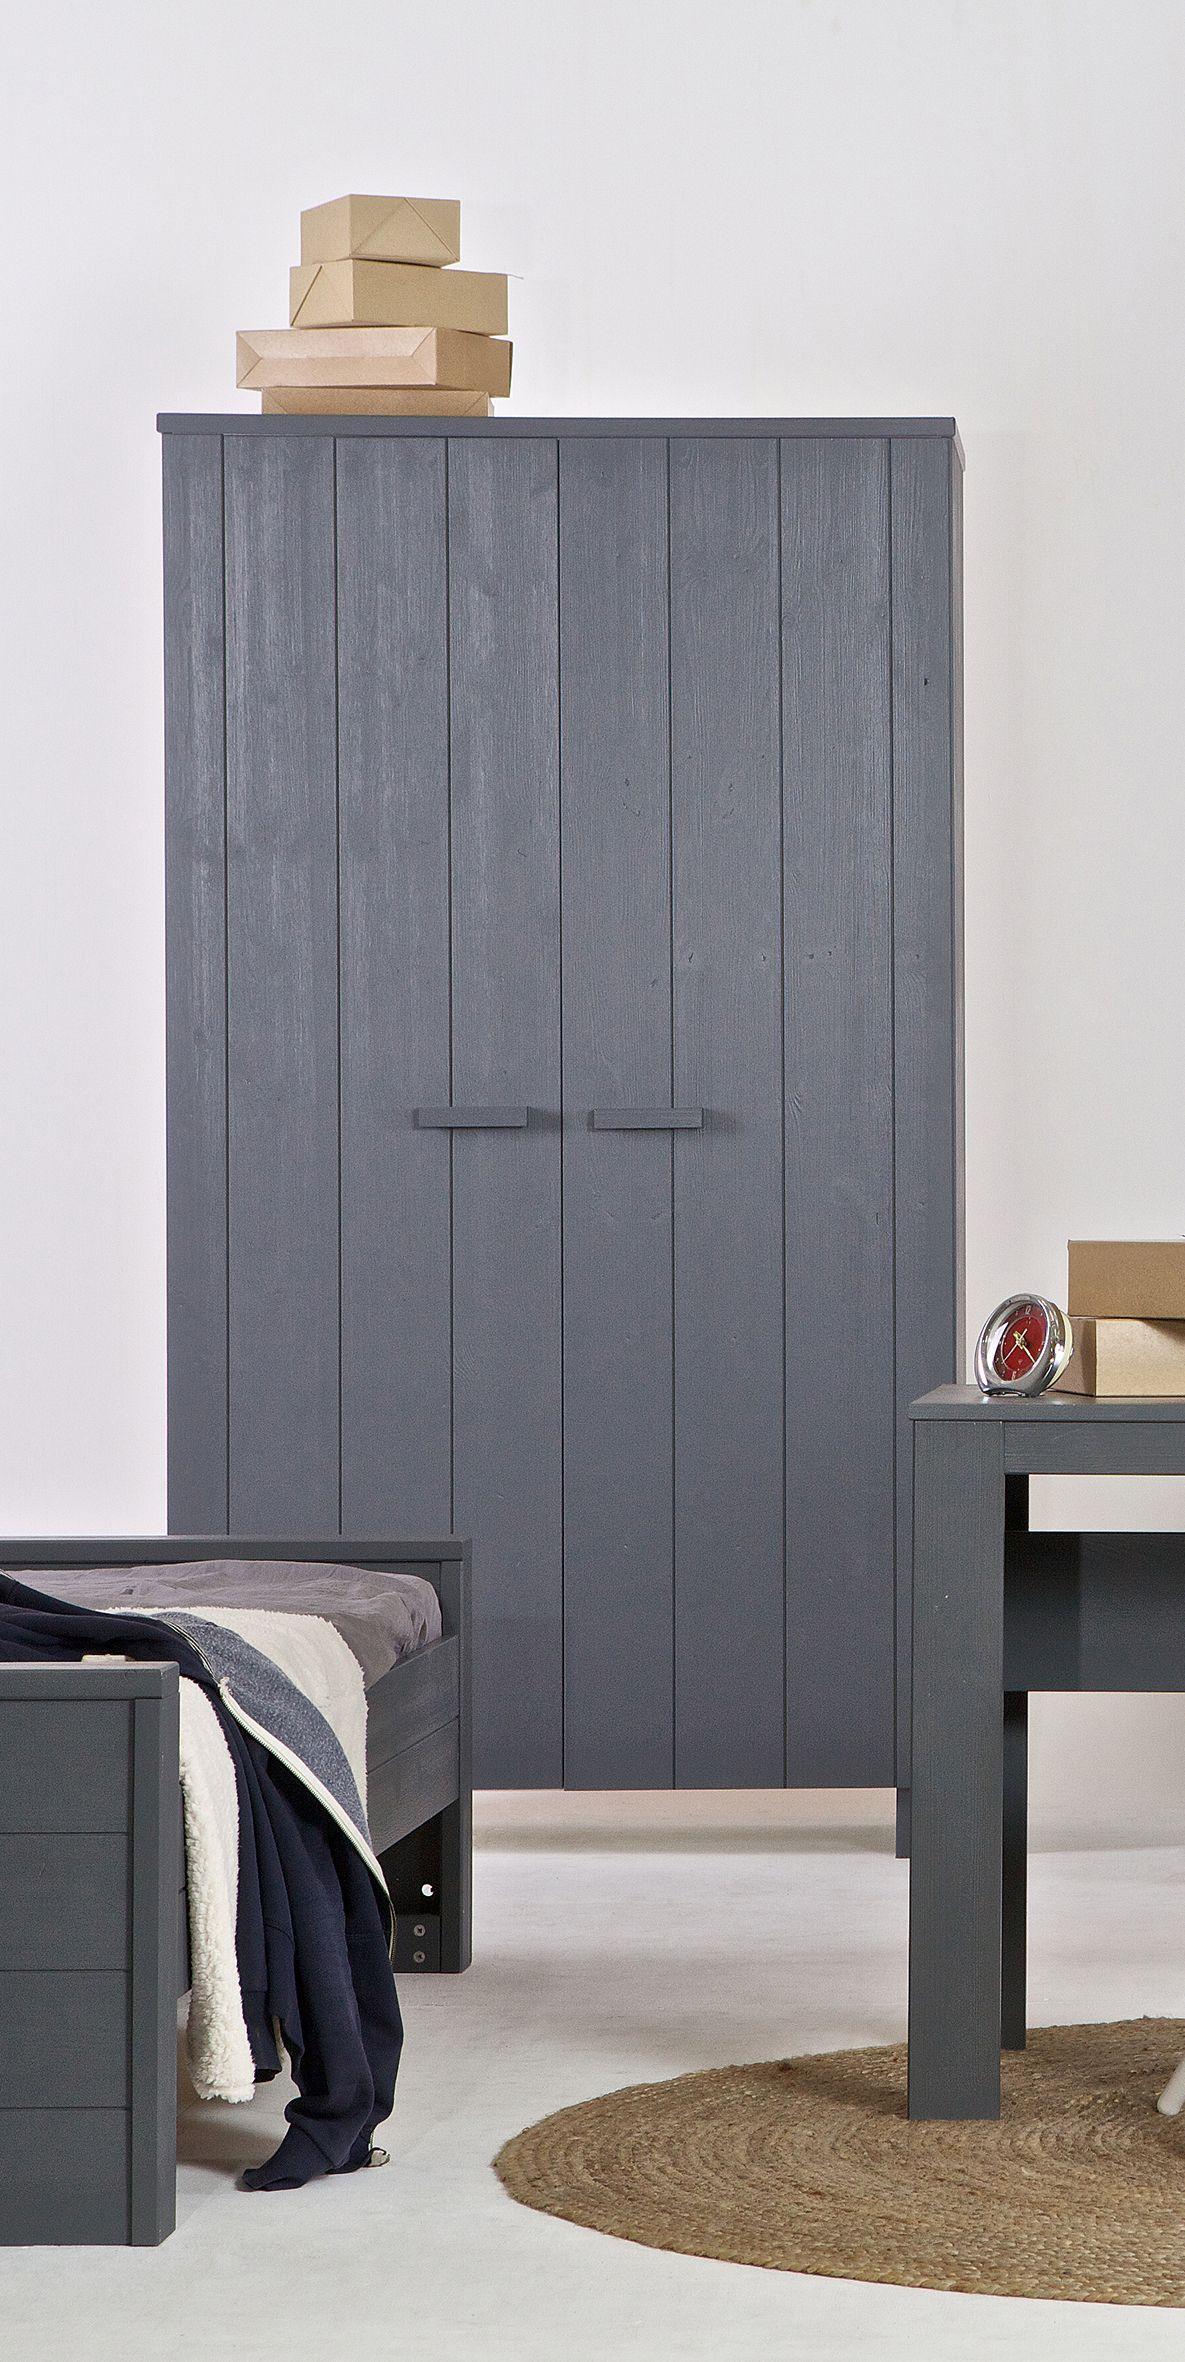 kleiderschrank dennis in 2019 farben aufregend grau tall cabinet storage scandi bedroom